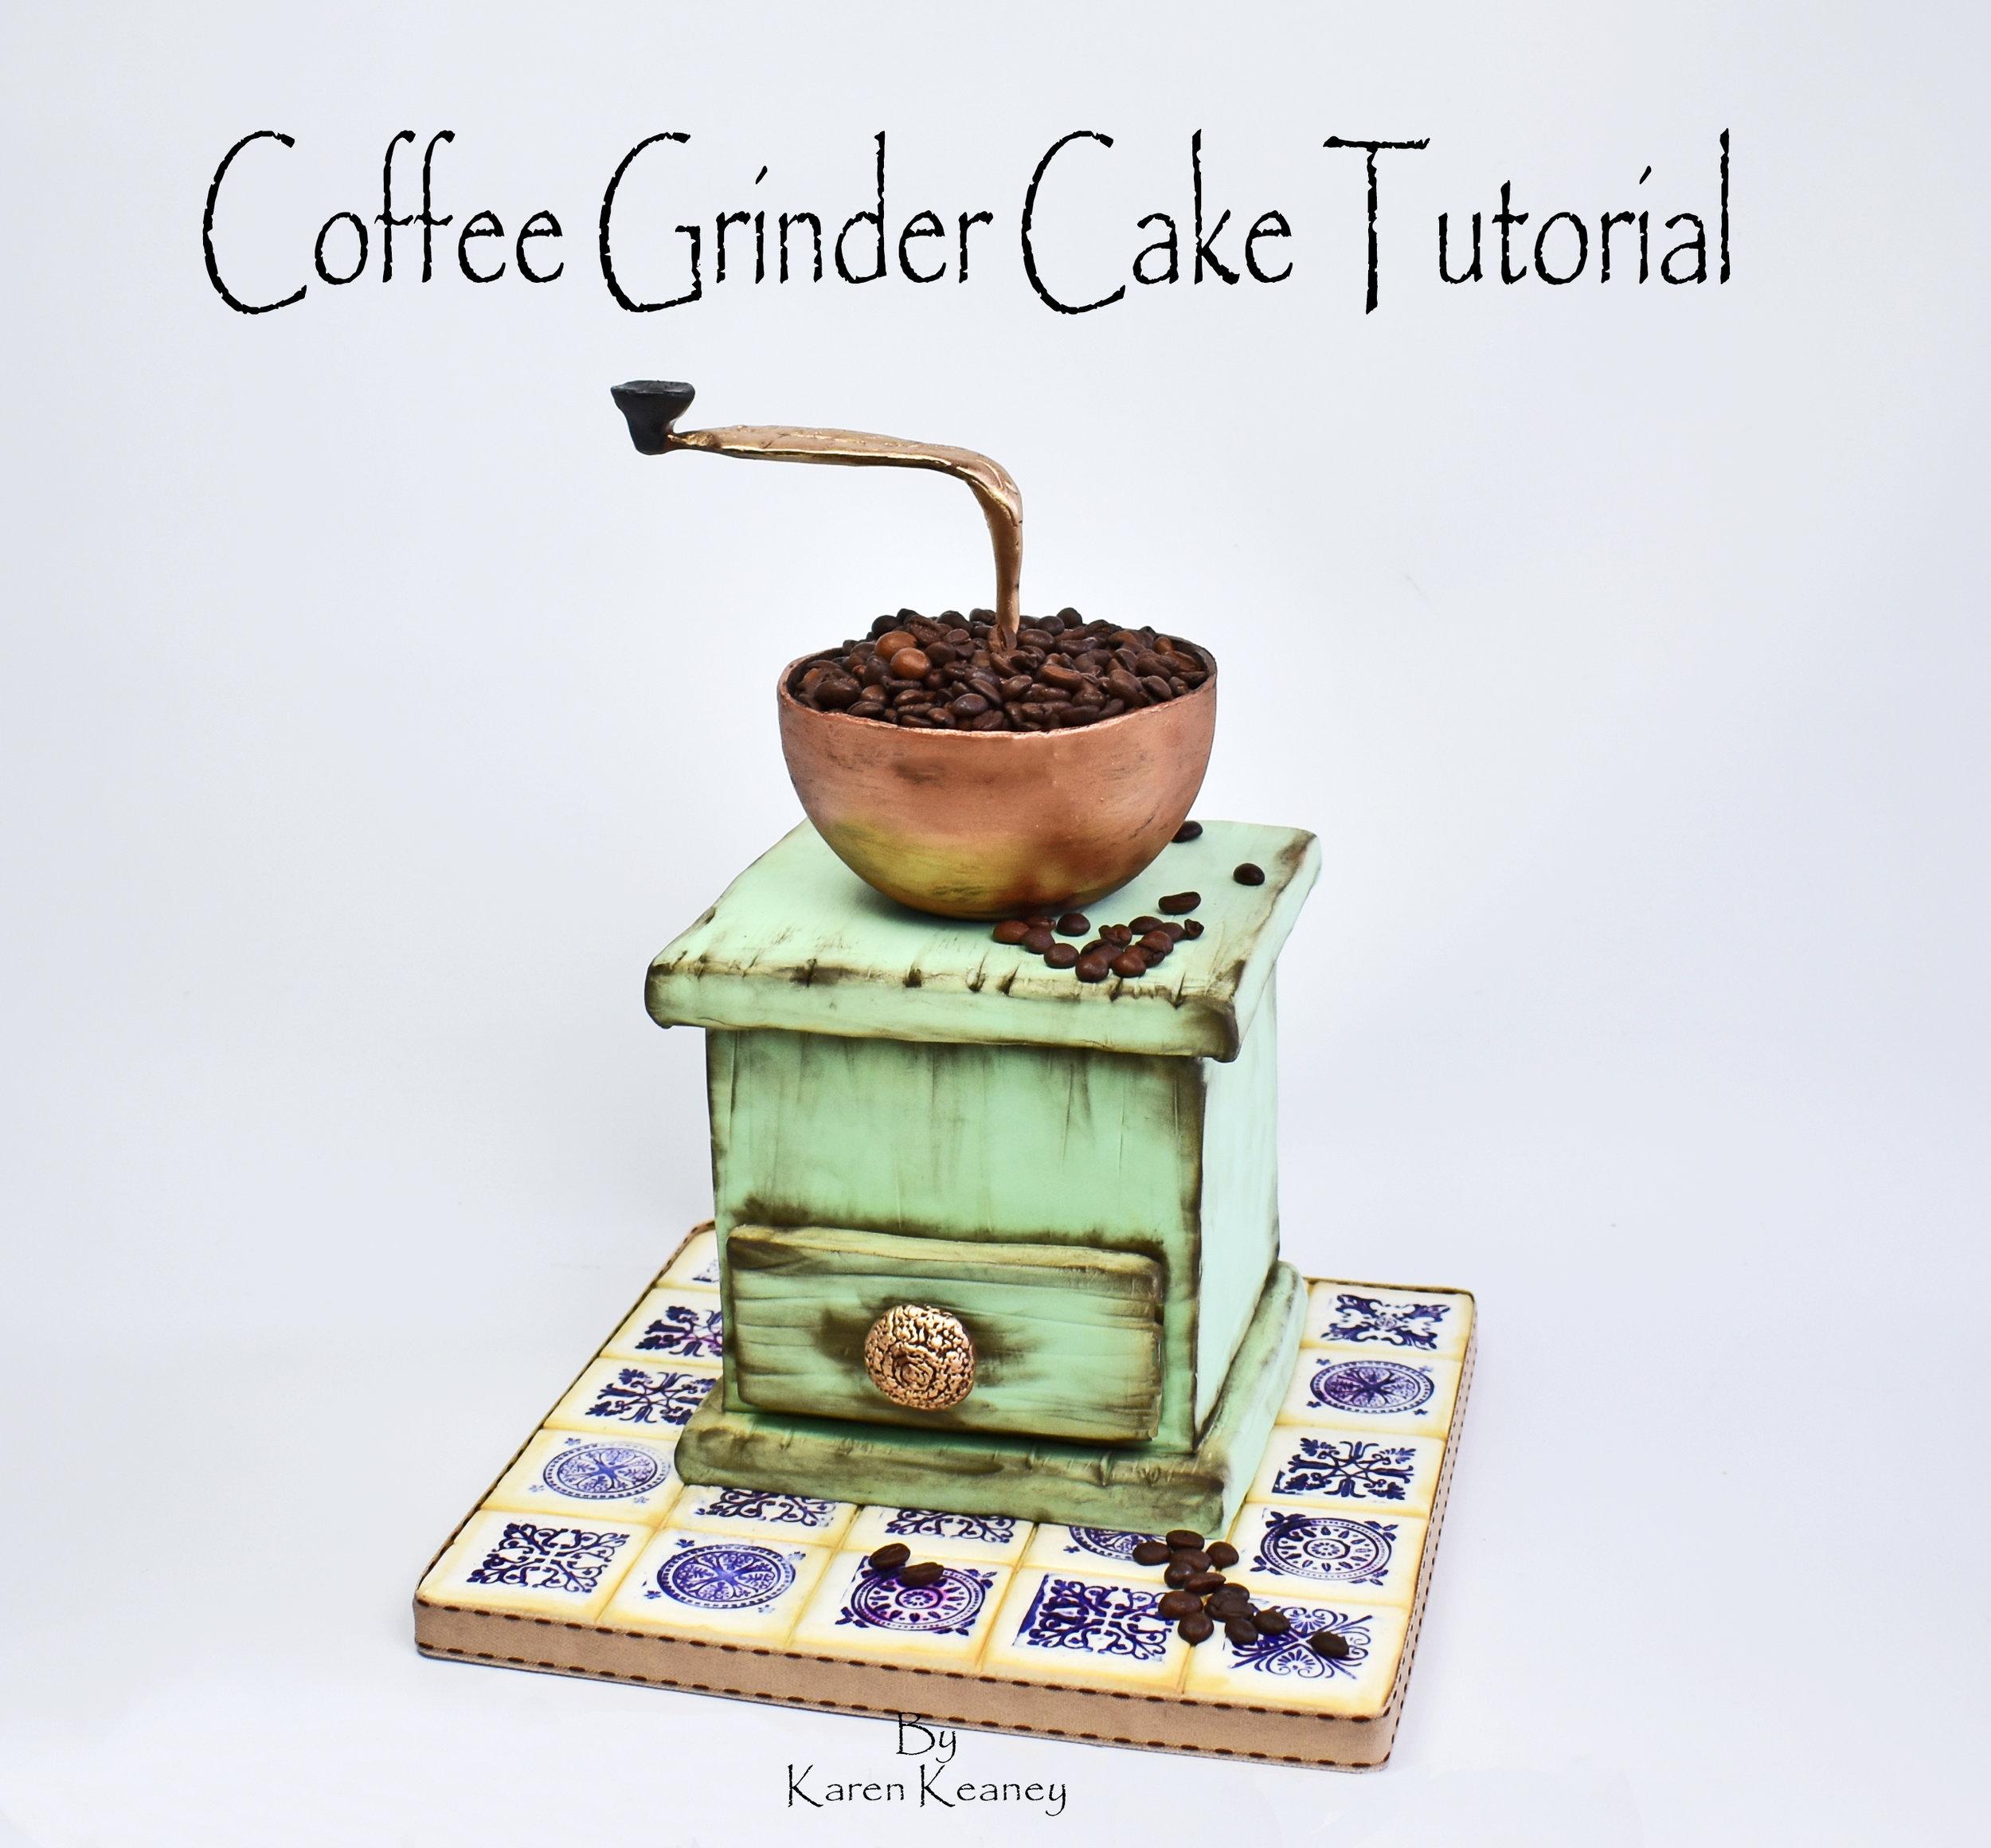 Coffee Grinder Cake Tutorial